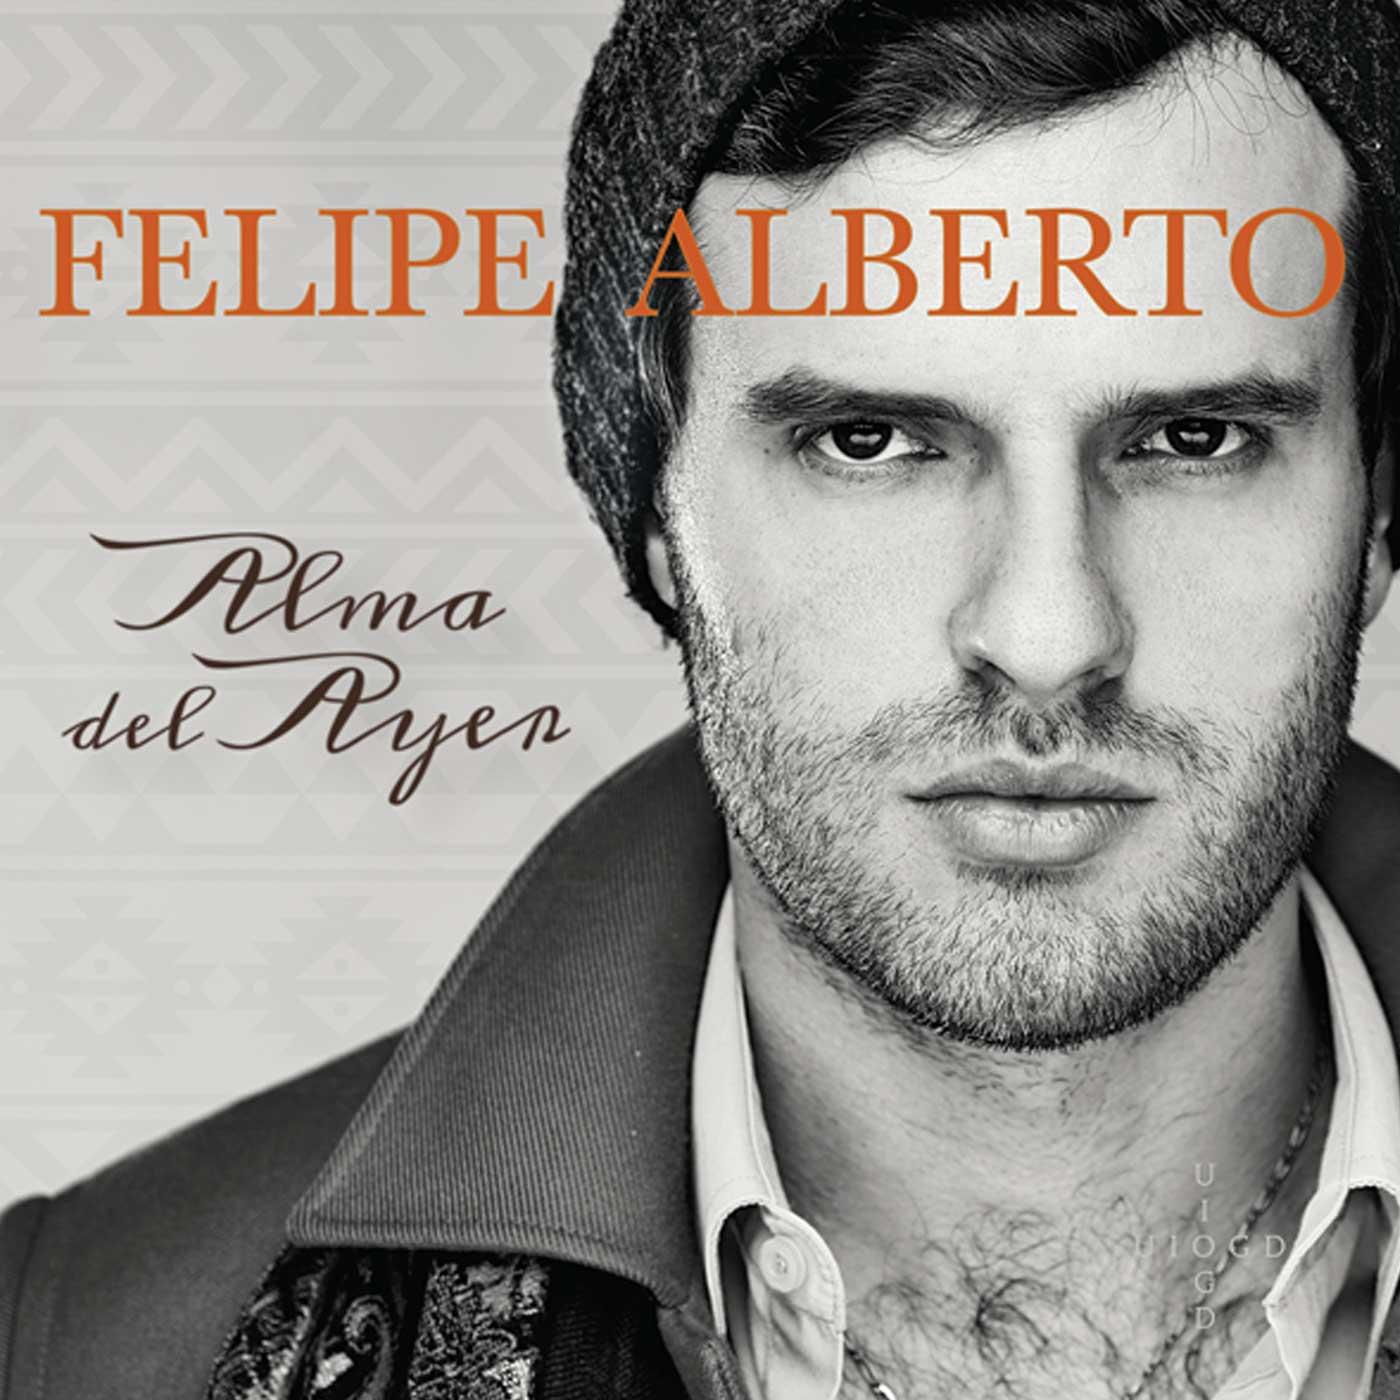 Felipe Alberto - Alma del Ayer CD Cover - Front